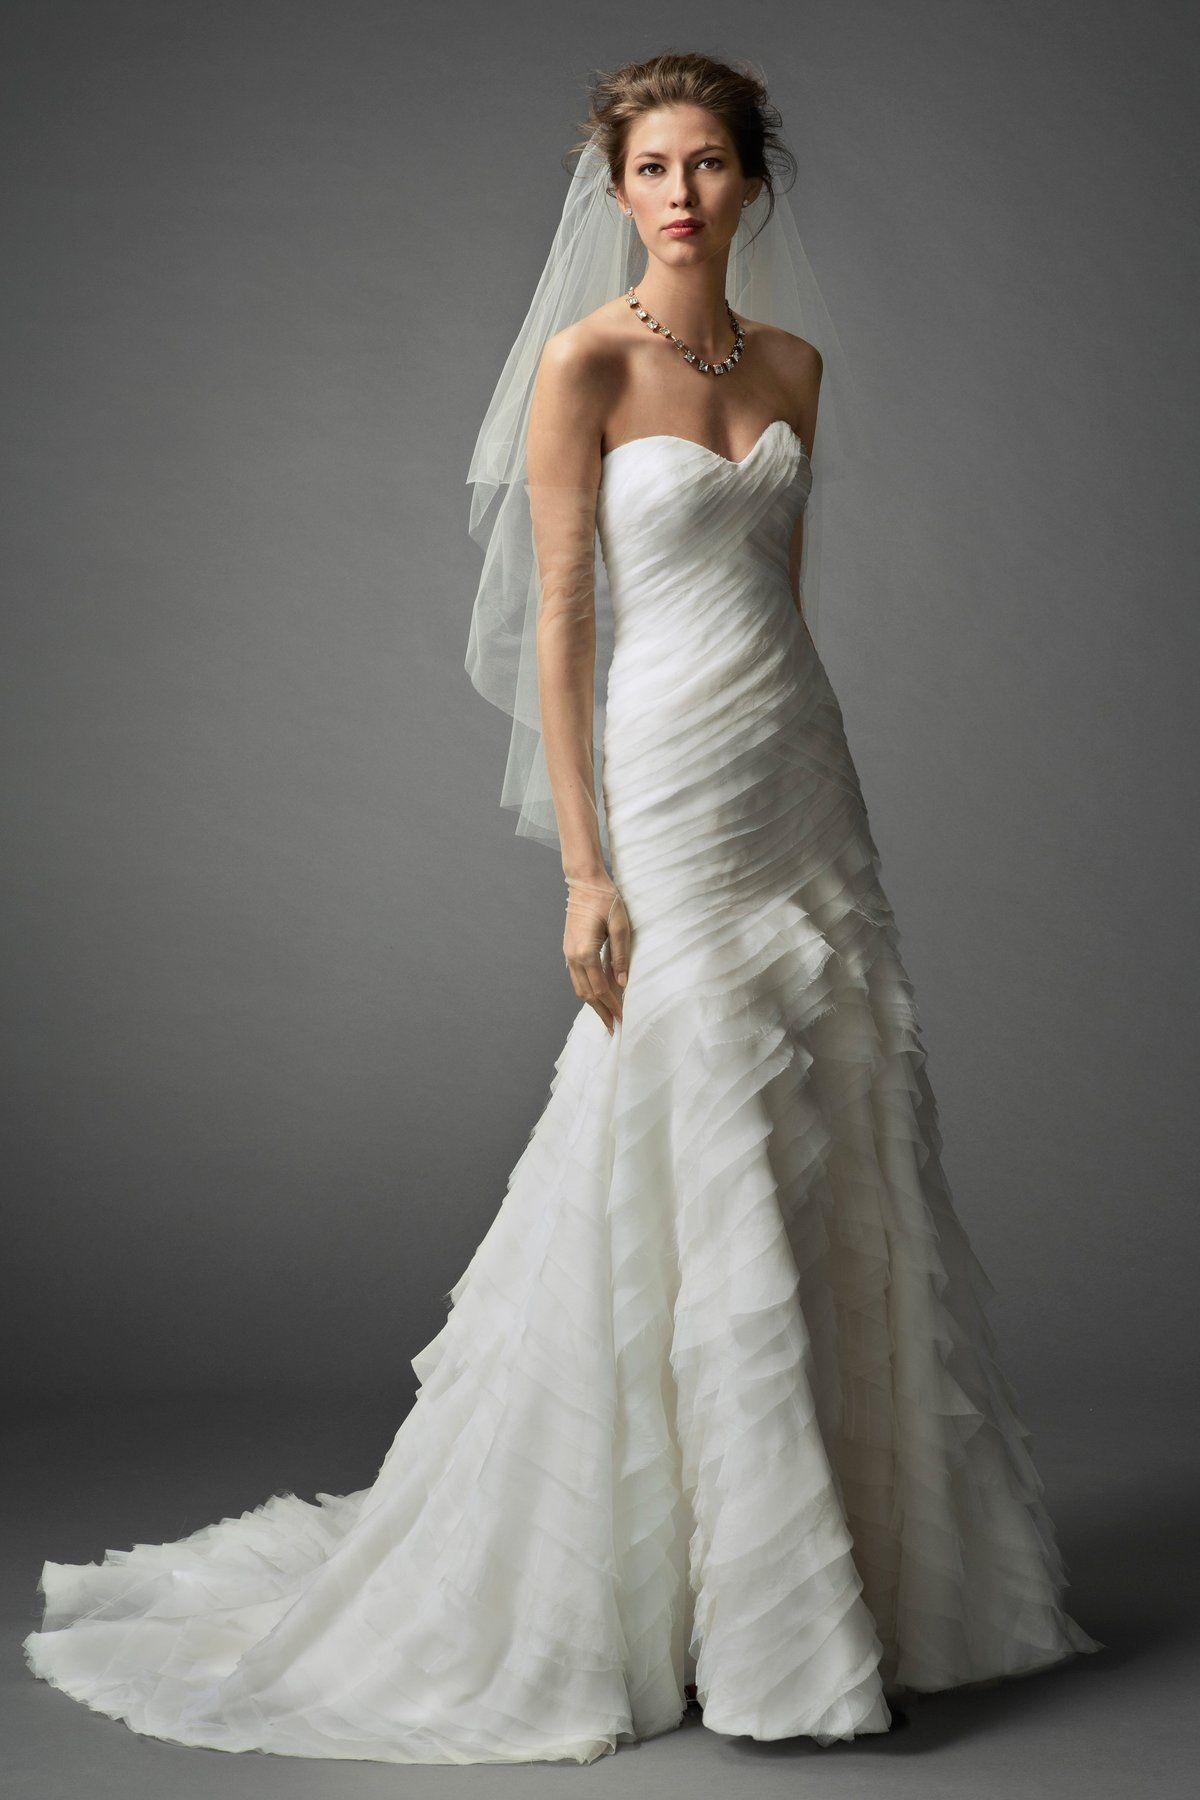 Brautkleid-2   Brautkleider   Pinterest